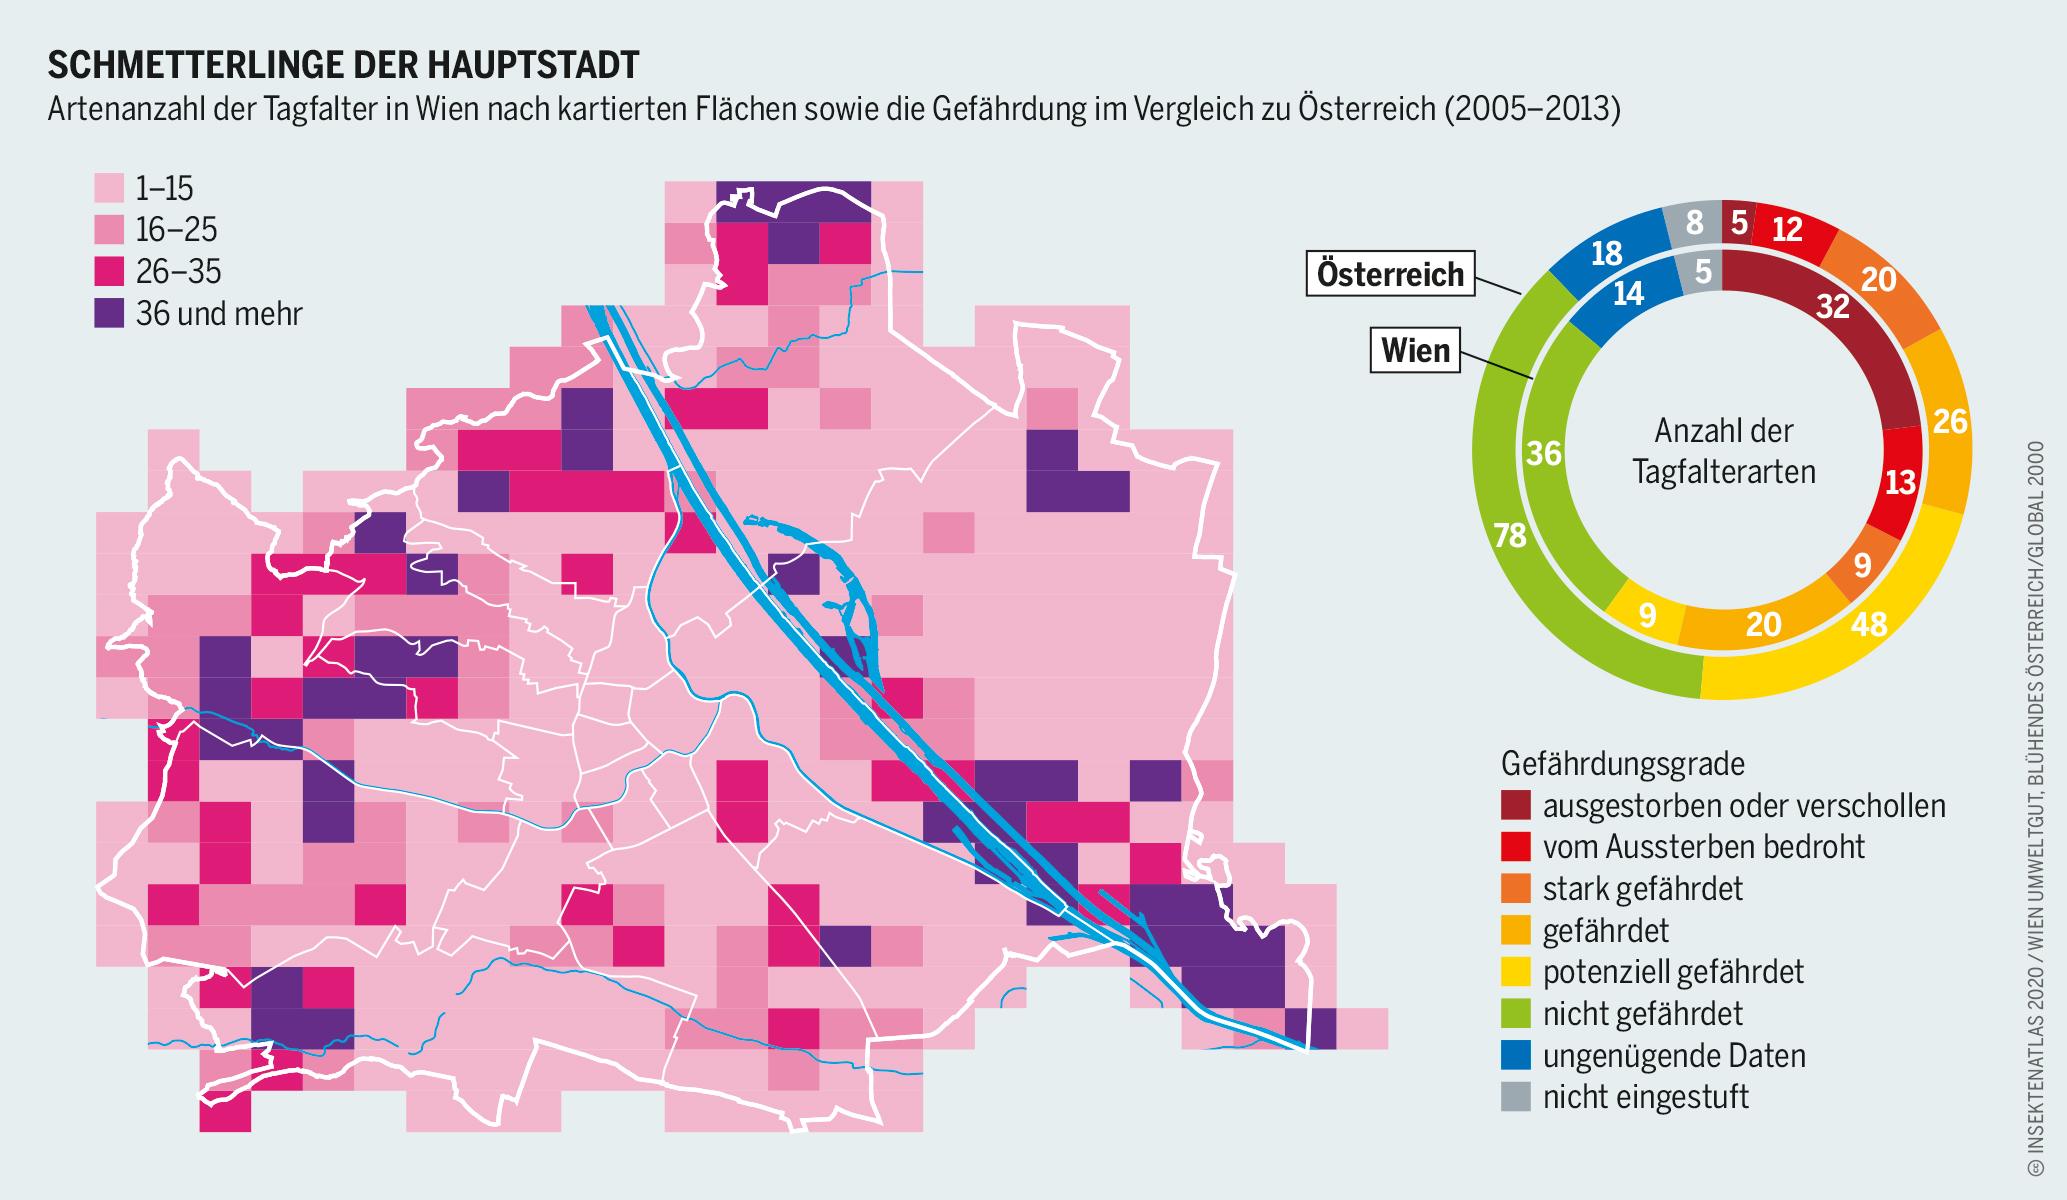 Schmetterlinge in Wien und bedrohte Tagfalter in Wien und ganz Österreich